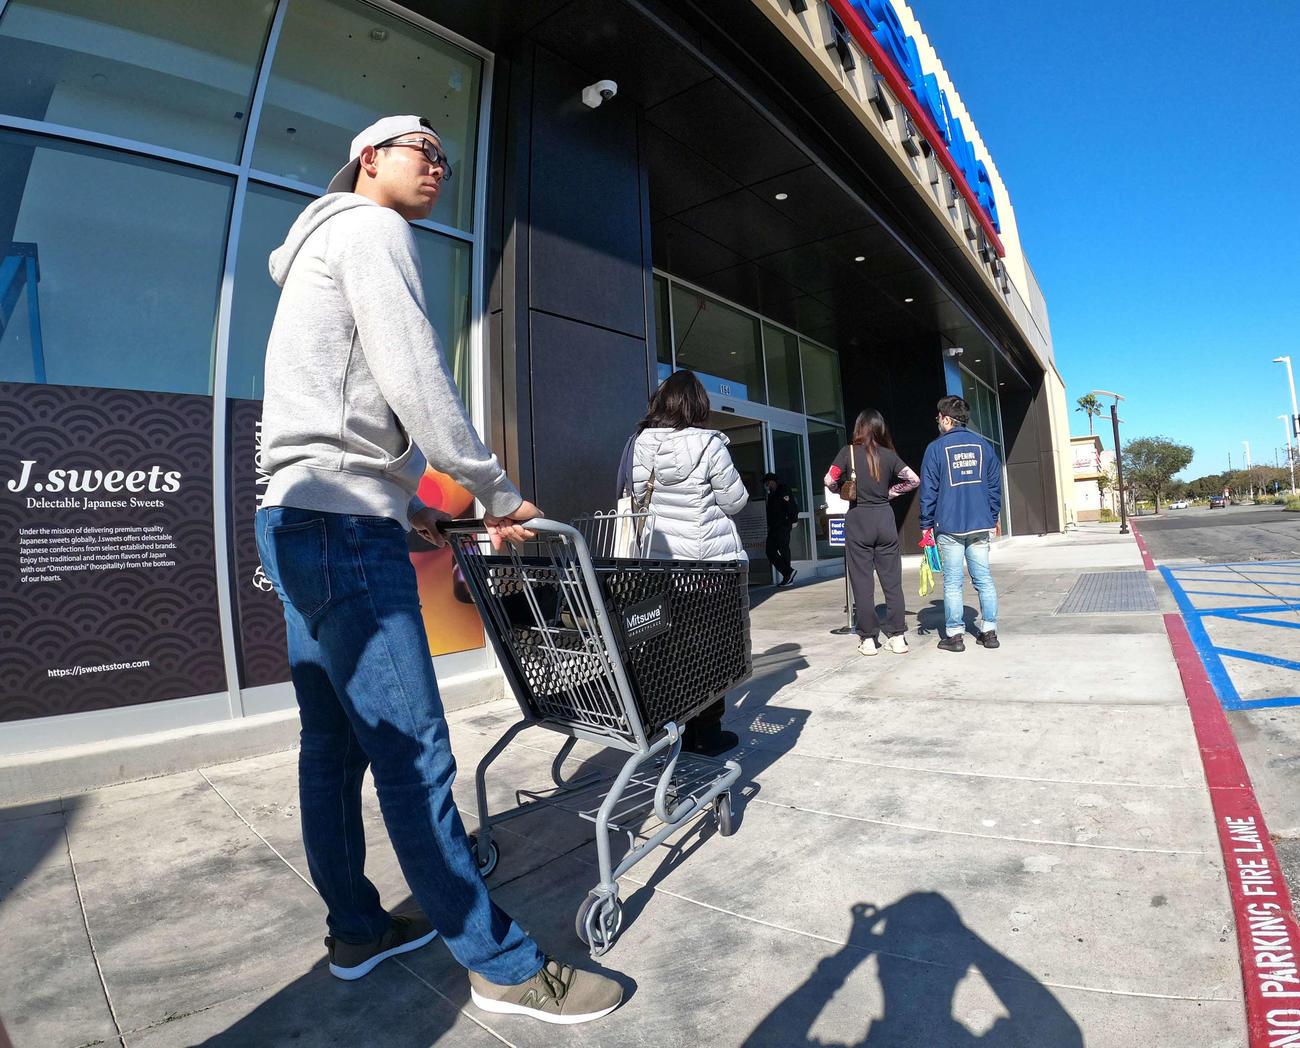 入場制限されたカリフォルニアのスーパーマーケットで1・8メートルの「社会的距離」を空けて列に並ぶレッズ秋山(本人提供)